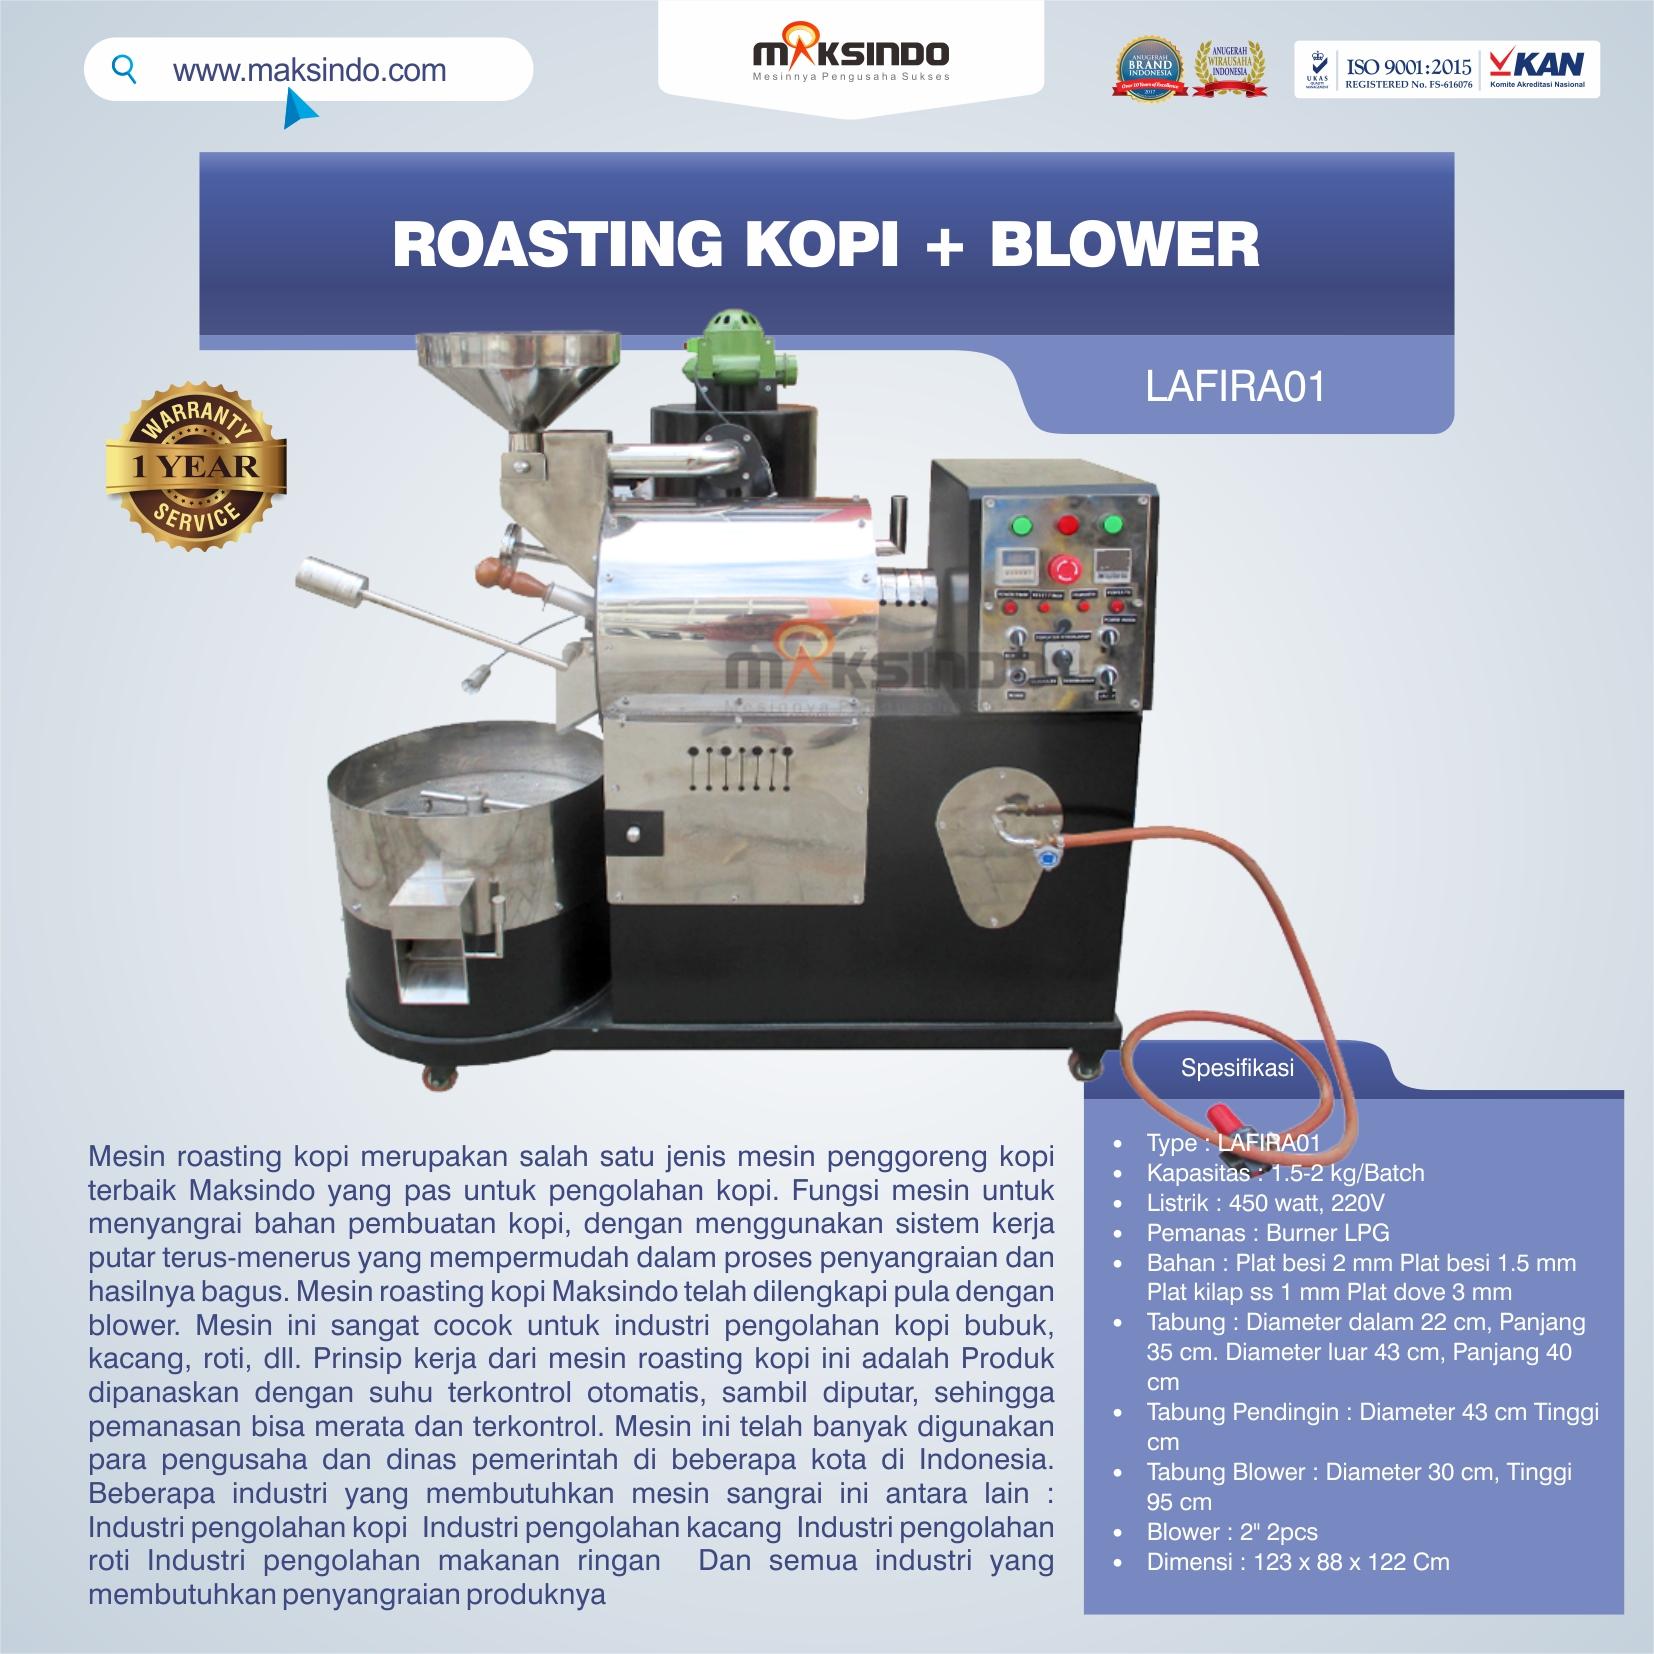 Jual Roasting Kopi + Blower LAFIRA01 di Makassar